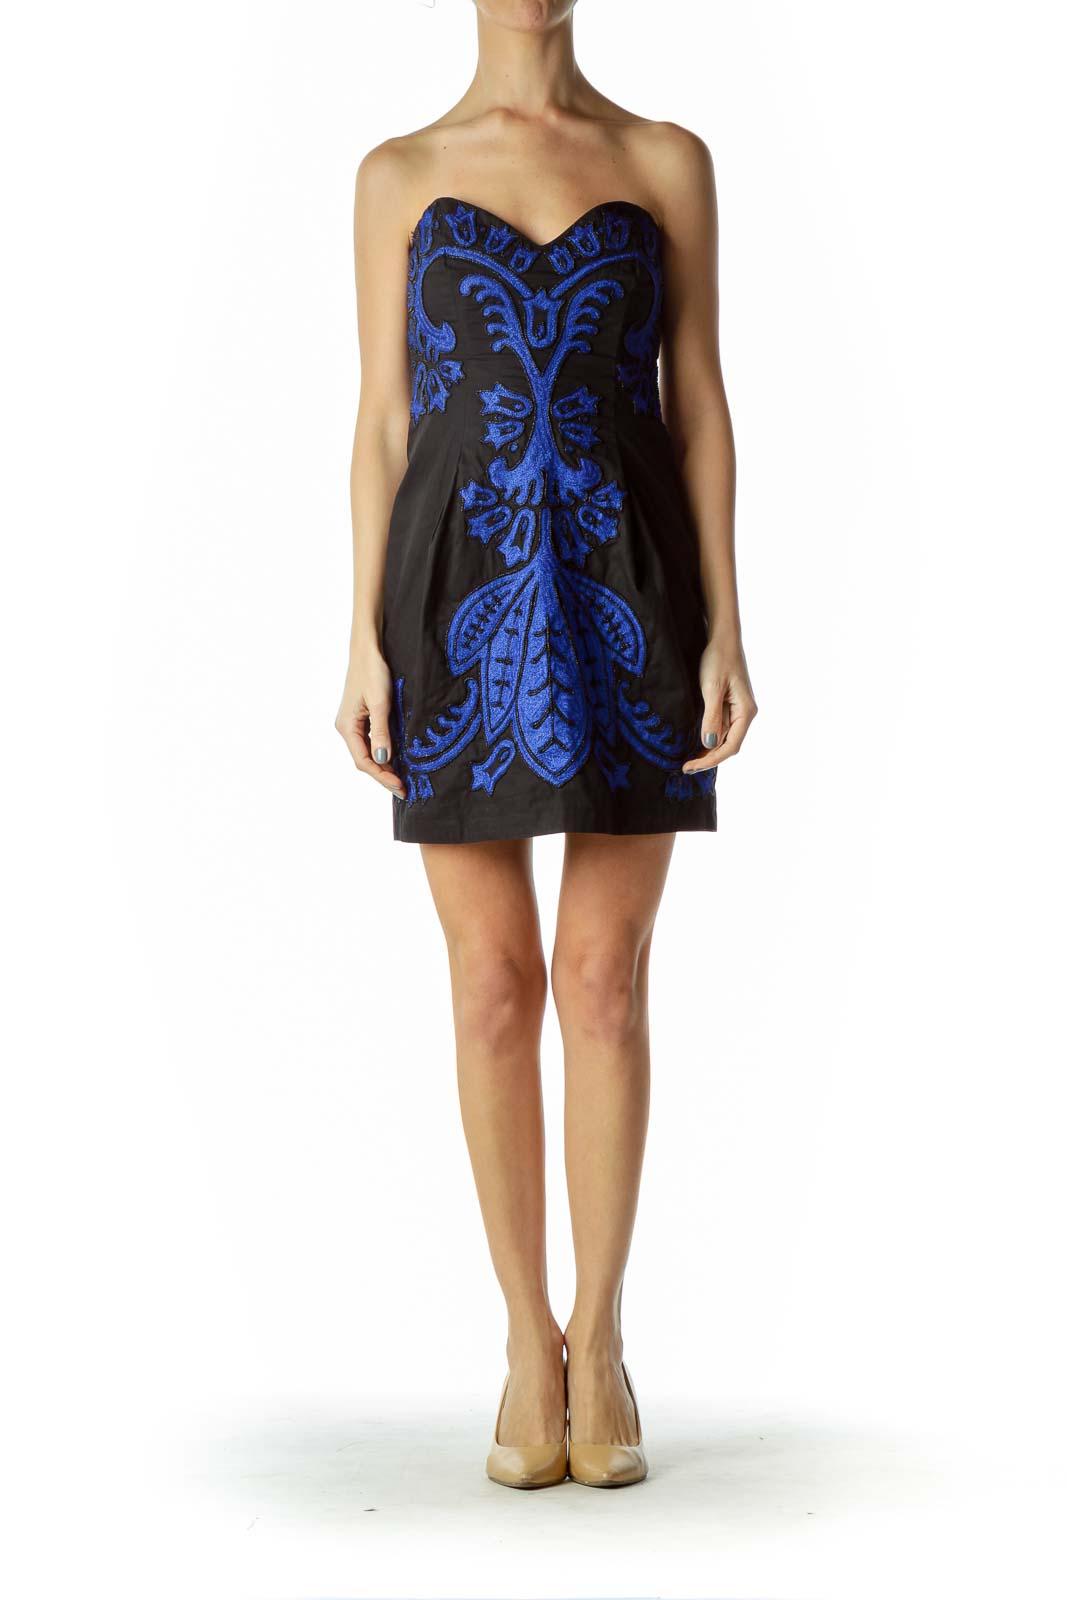 Black/Blue Beaded Strapless Dress